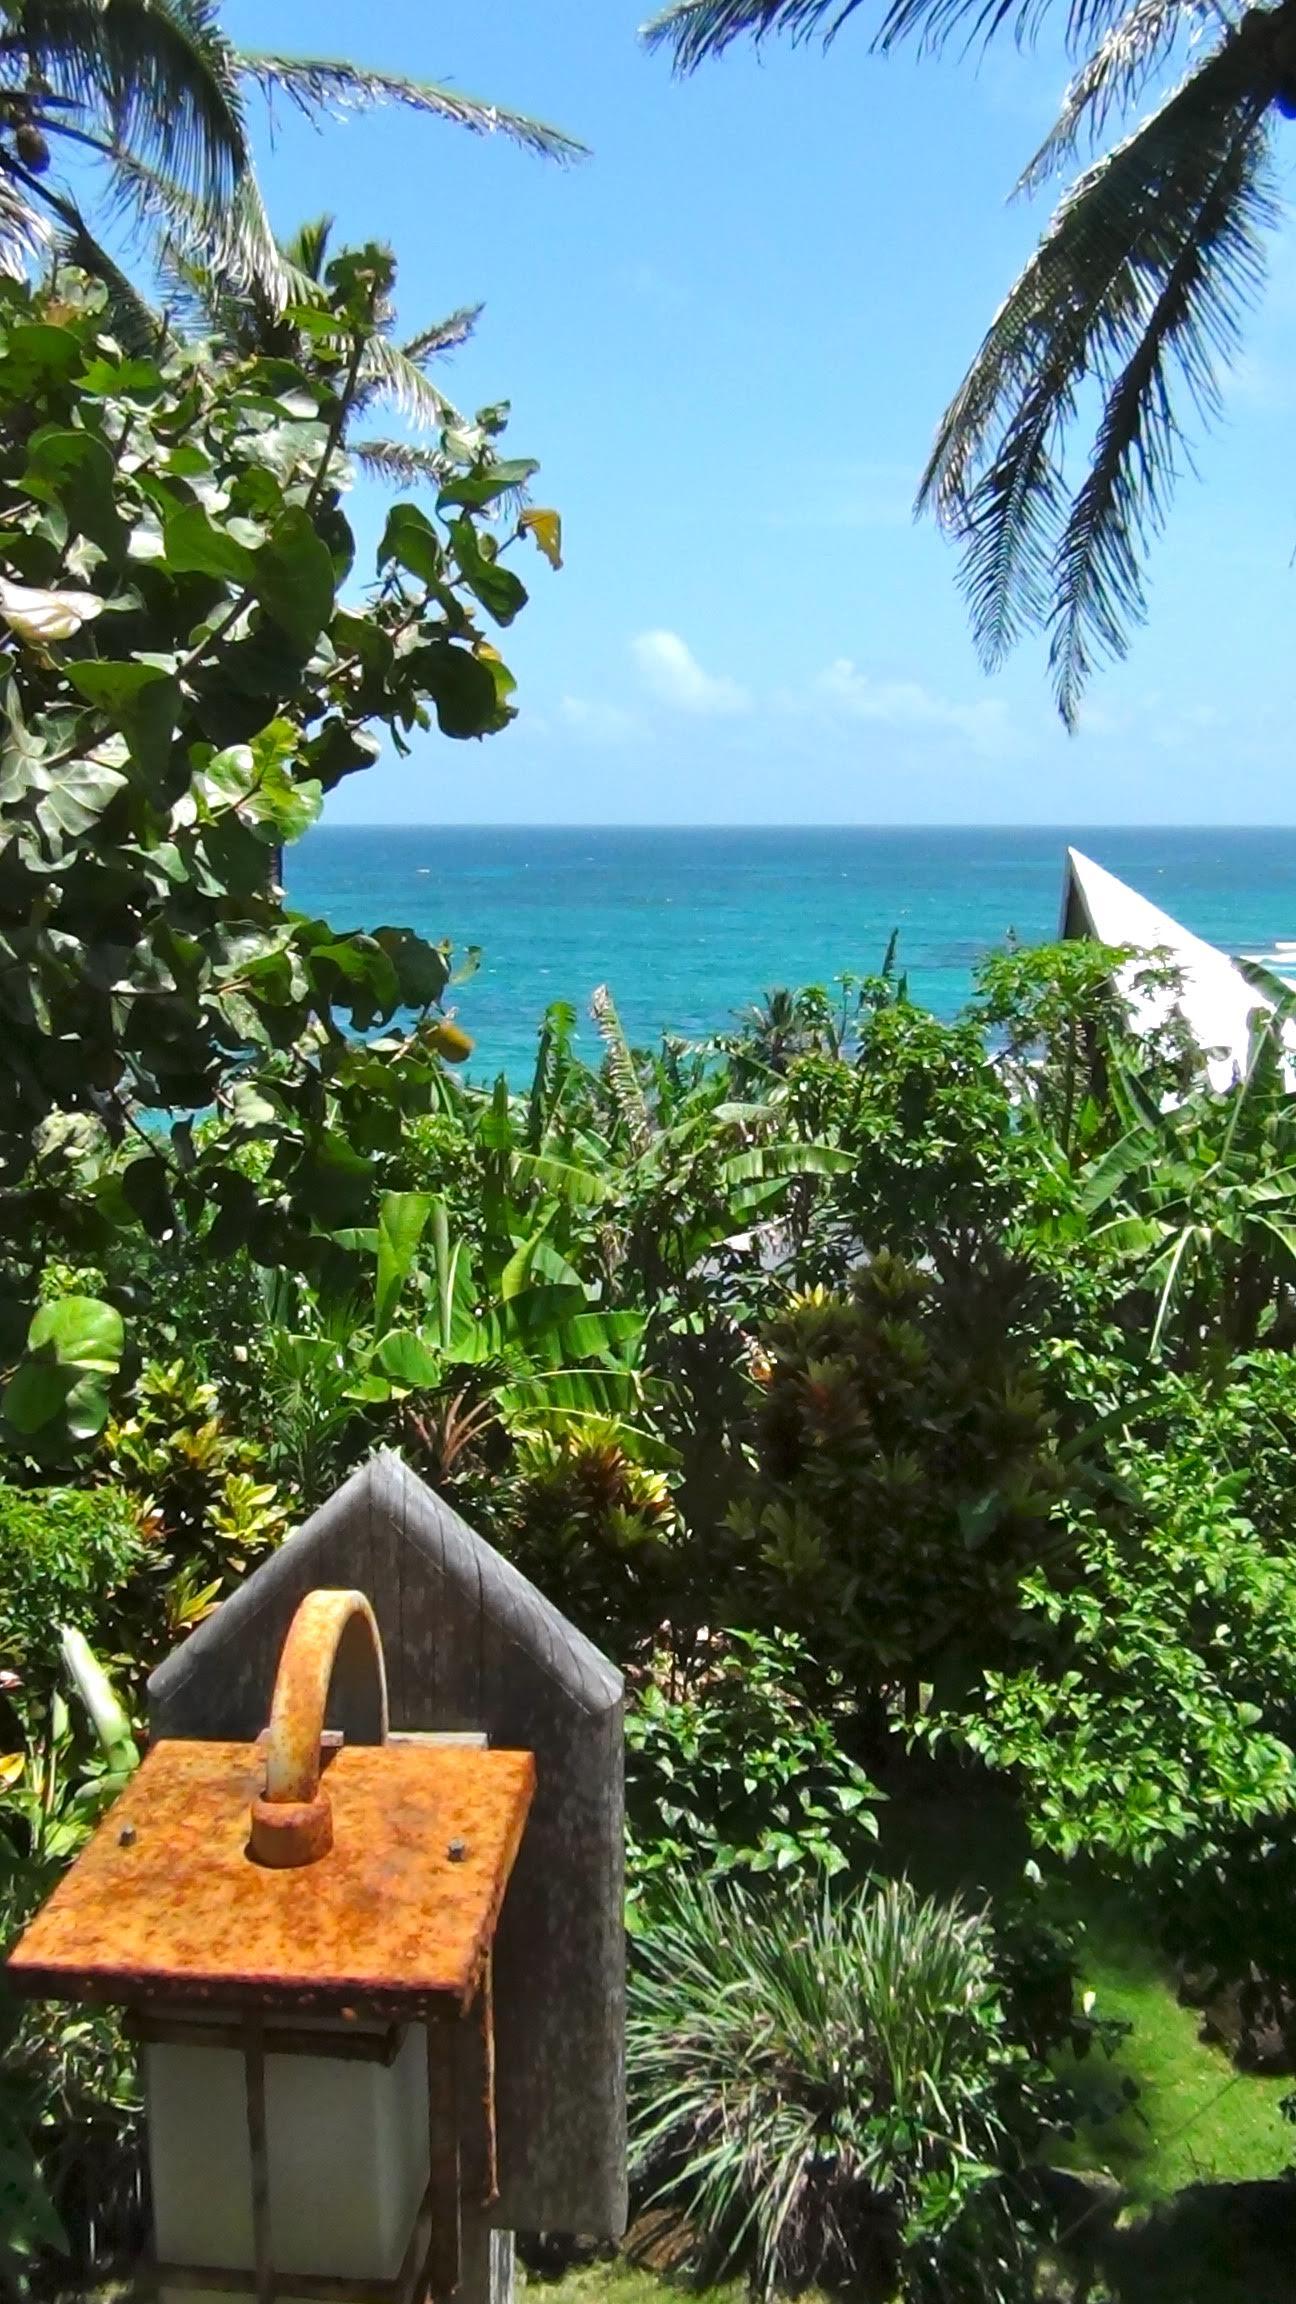 Los Escapados Eco-Cabin 2 ocean views